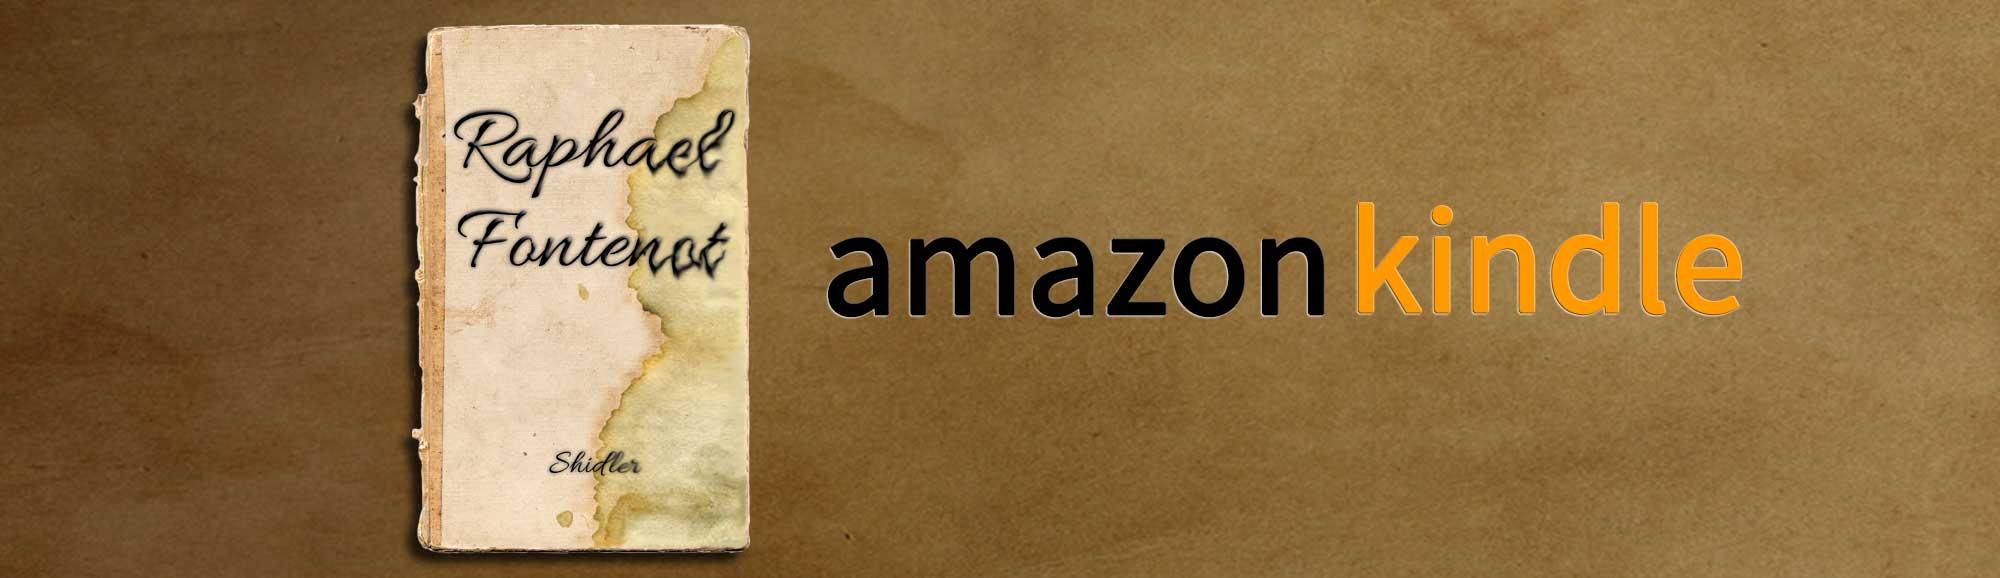 Raphael Fontenot Amazon Kindle